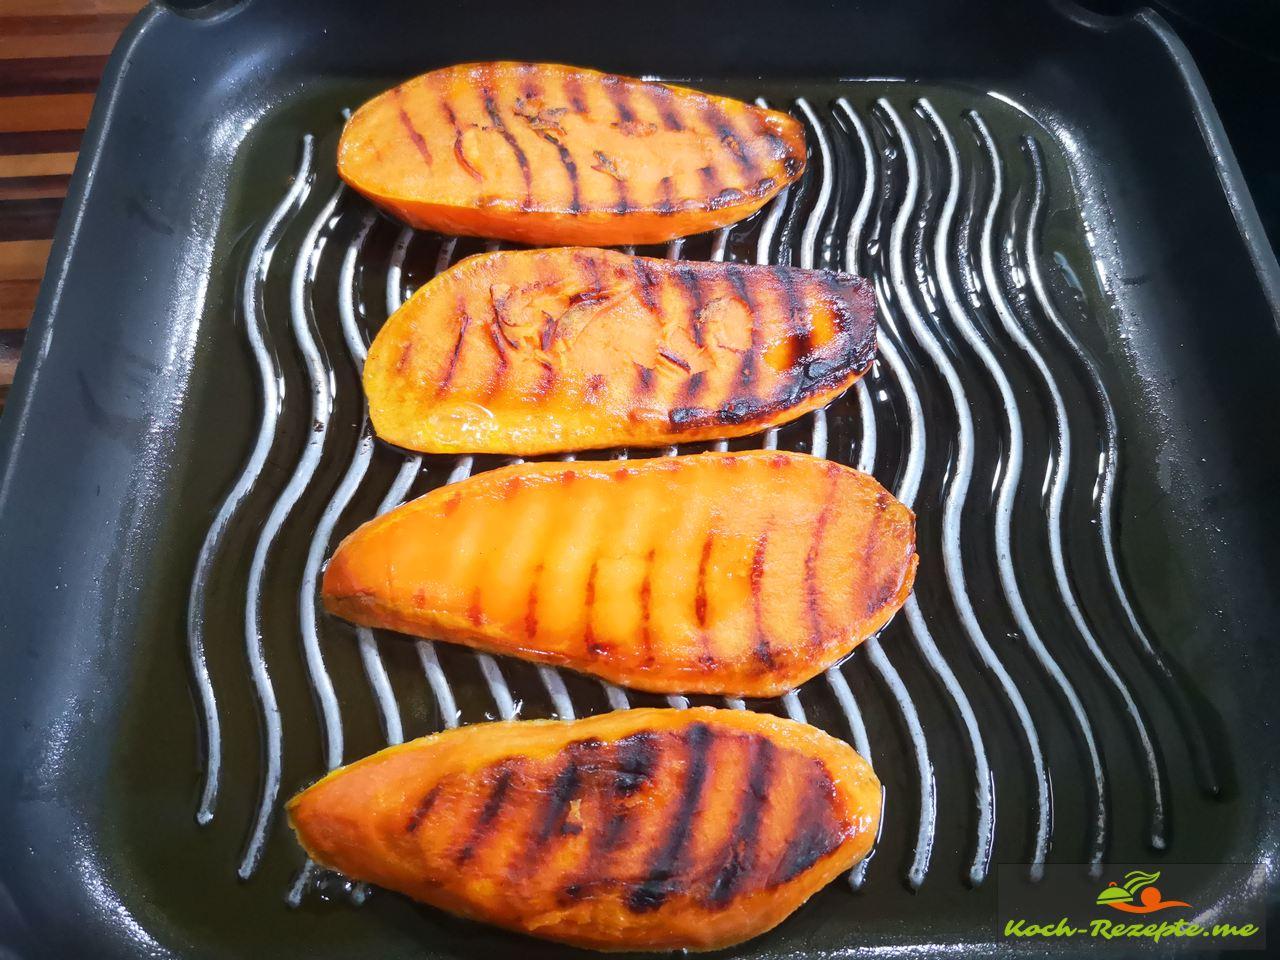 Süßkartoffel in der Pfanne grillen